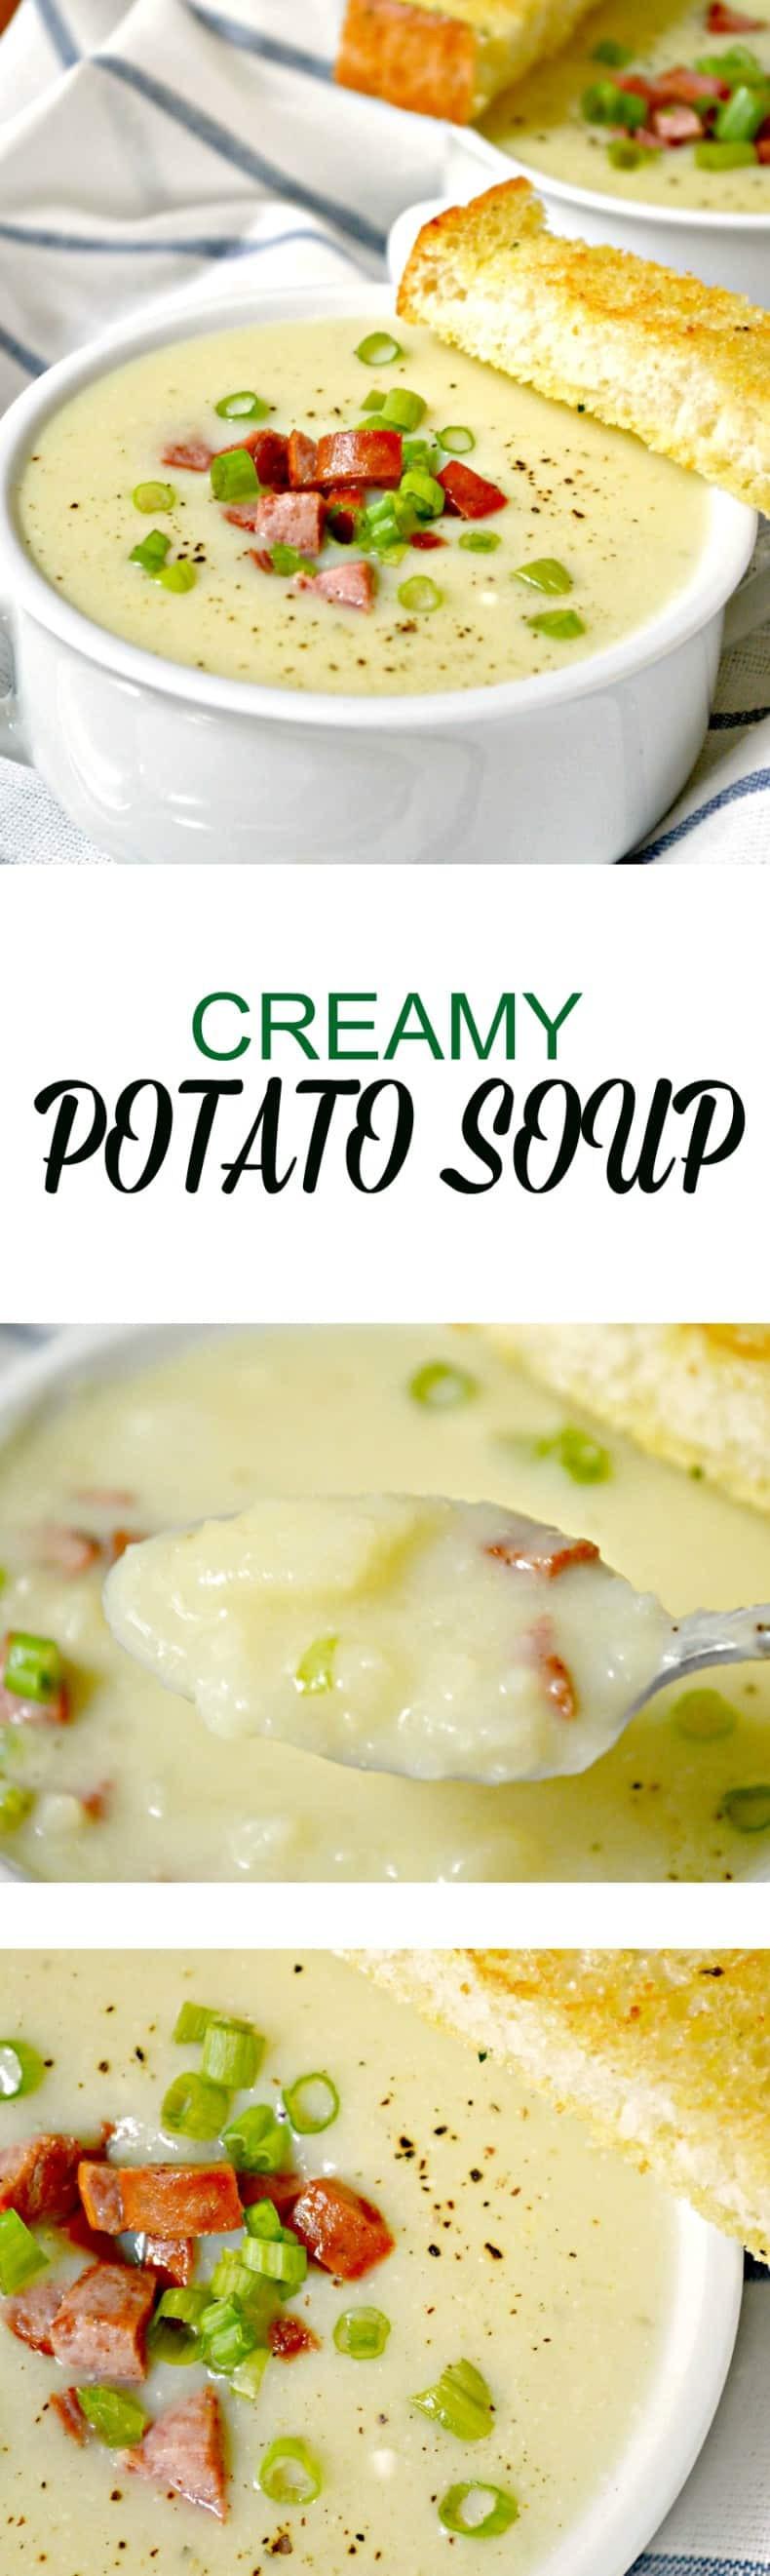 Creamy Potato Soup  Creamy Potato Soup